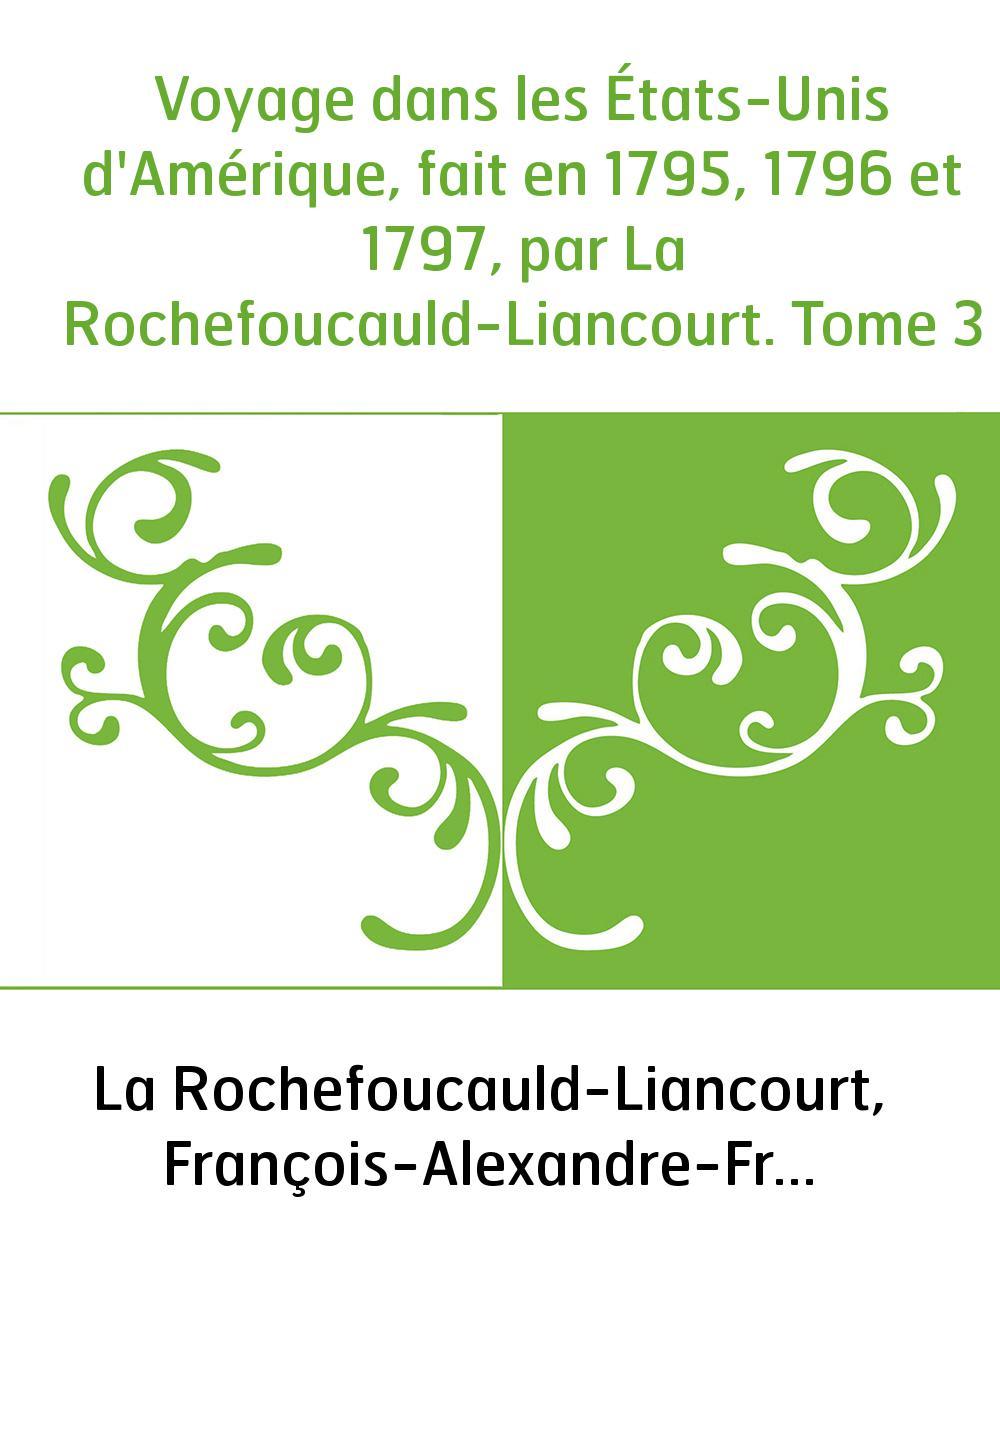 Voyage dans les États-Unis d'Amérique, fait en 1795, 1796 et 1797, par La Rochefoucauld-Liancourt. Tome 3